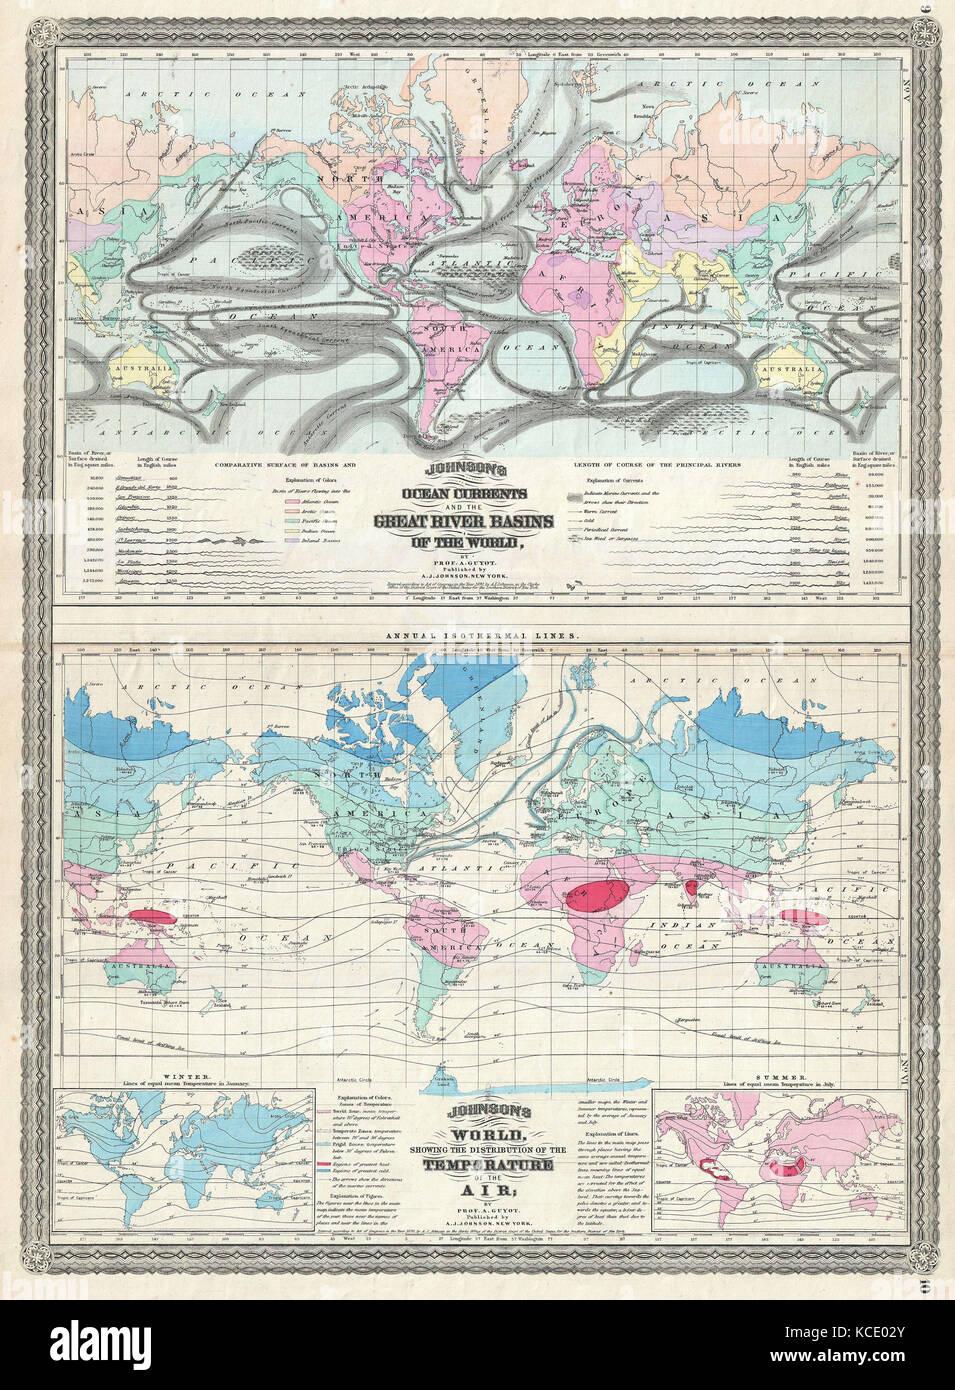 1870 Johnson Weltkarte Mit Temperatur Und Meeresstromungen